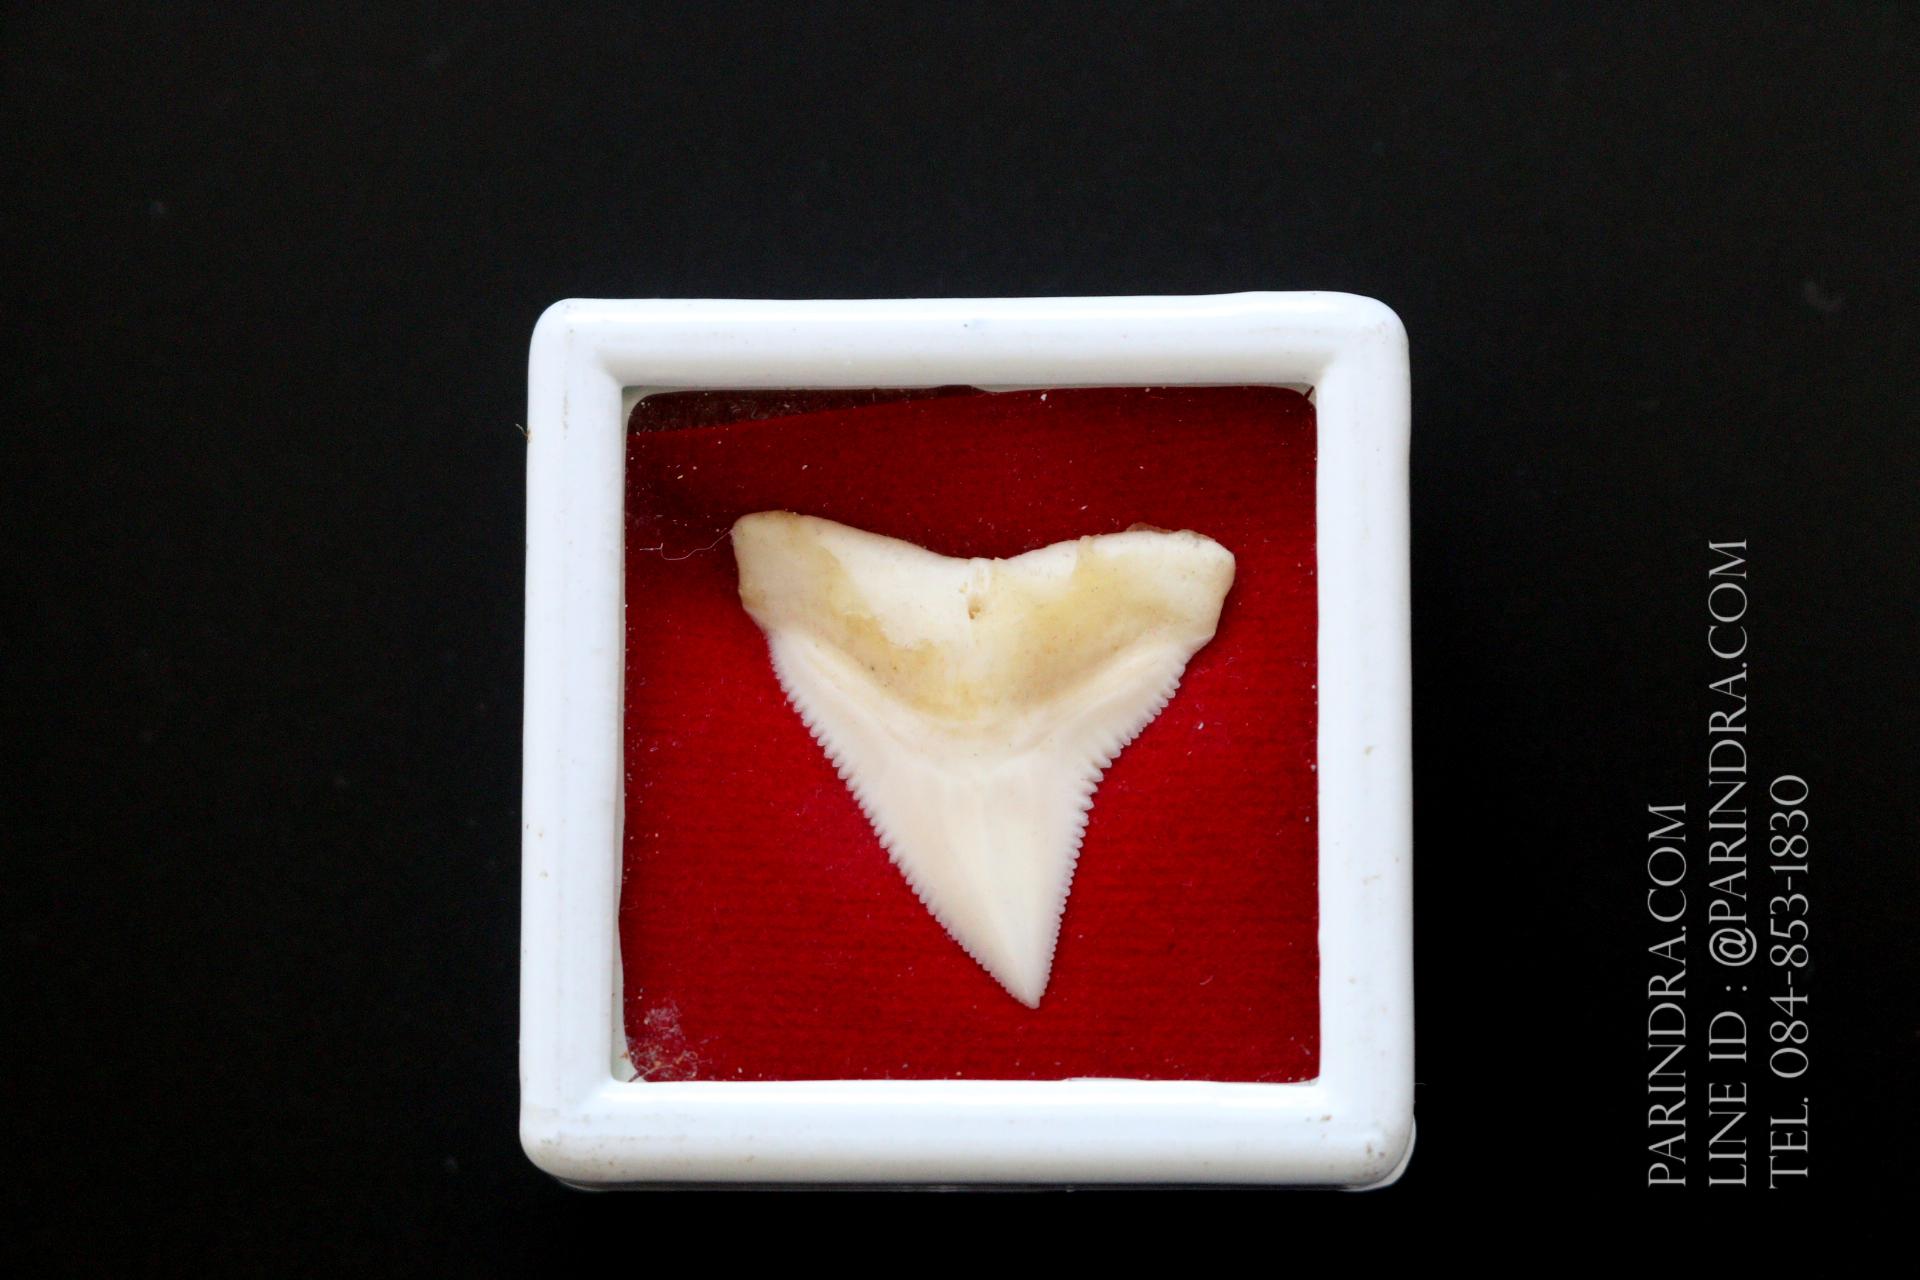 ซี่ฟันปลาฉลามขาวแท้ Shark Tooth ขนาดประมาณ 2.5 cm. ST008